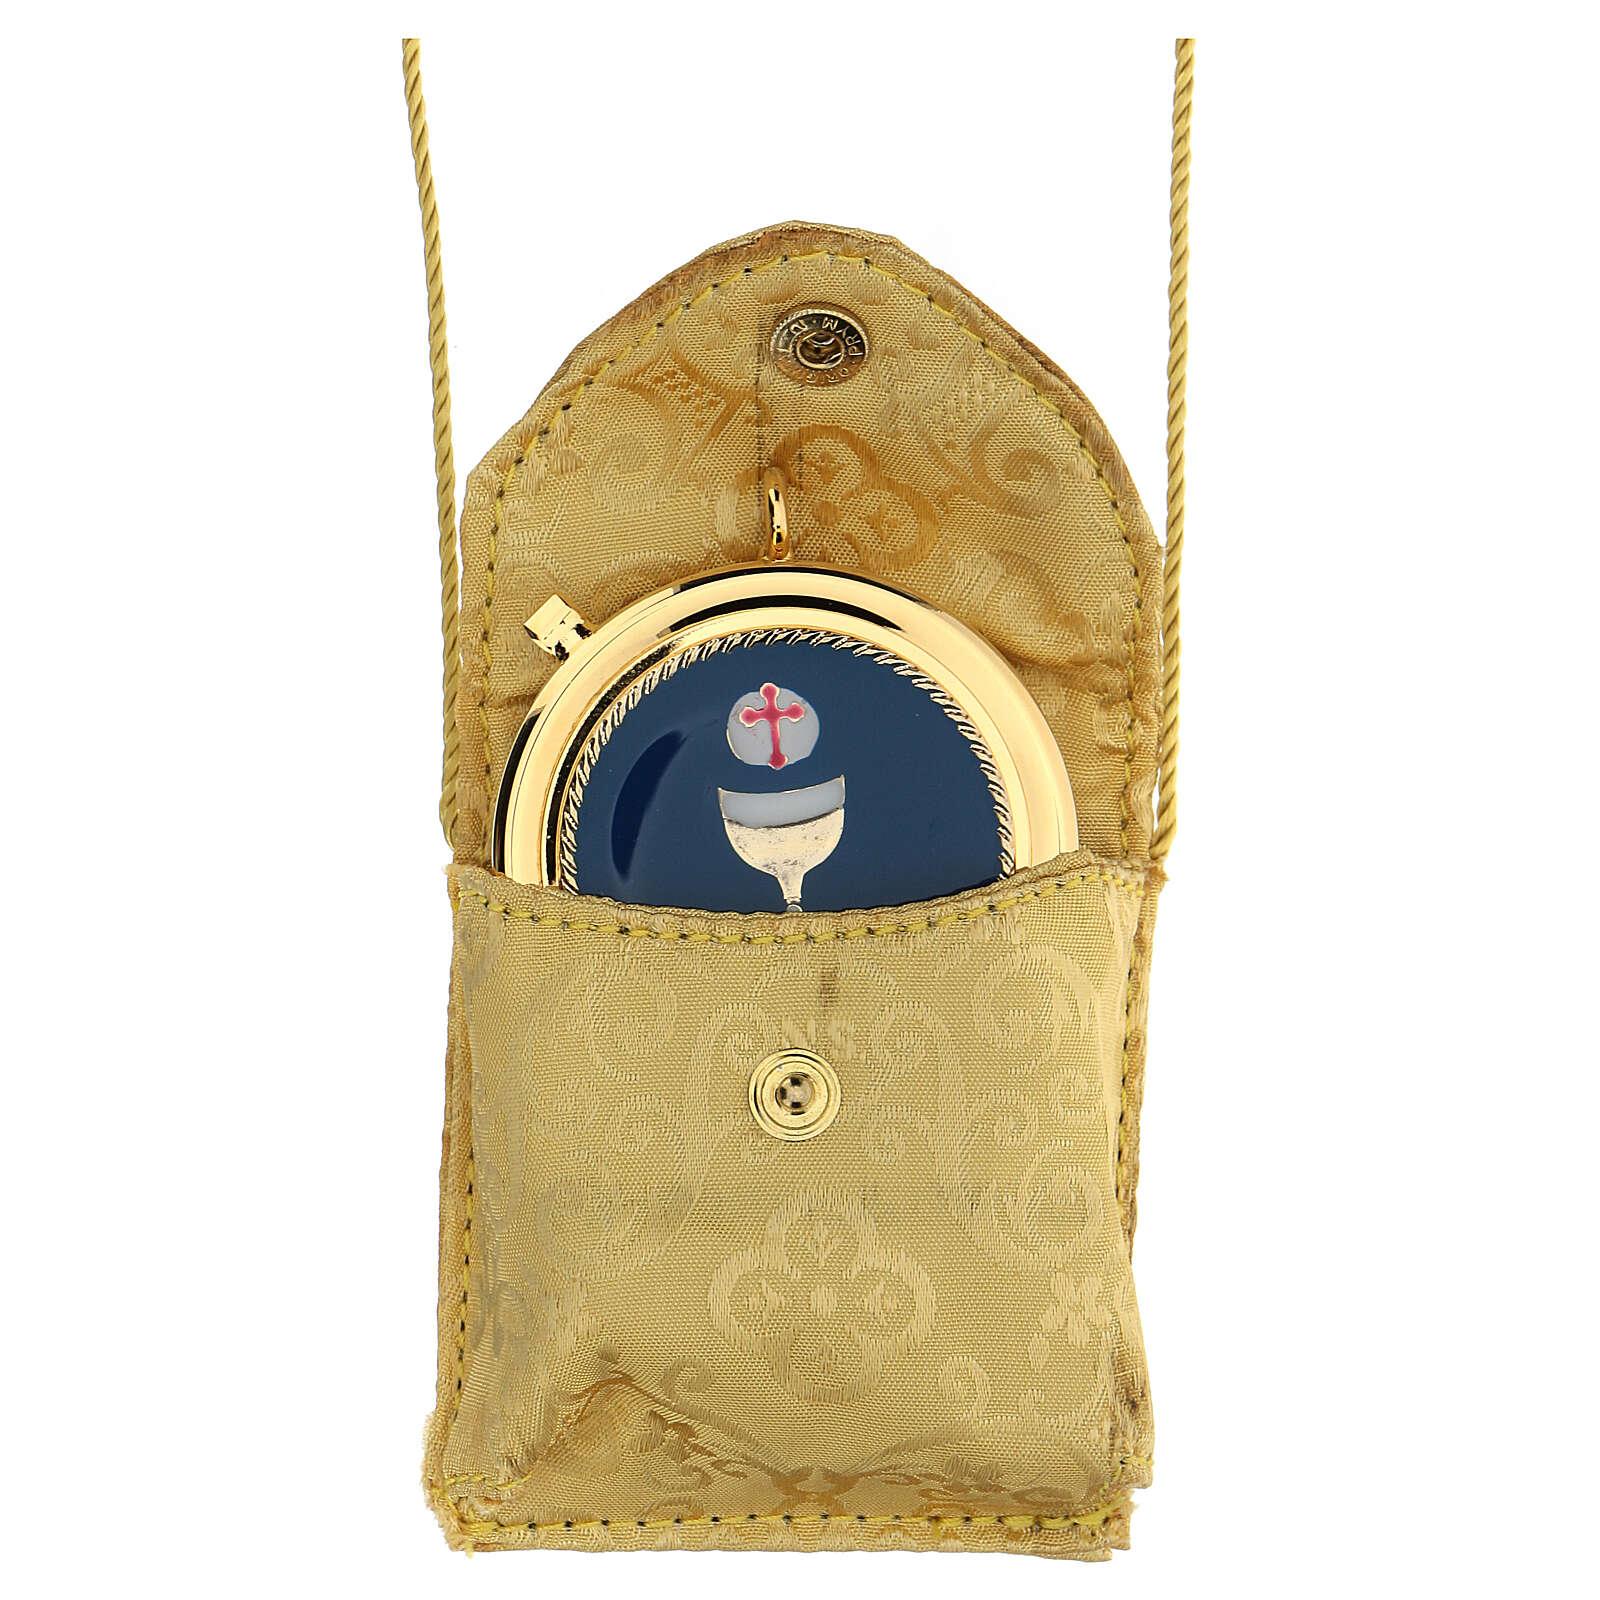 Estojo para viático amarelo ouro caixa placa Comunhão 3